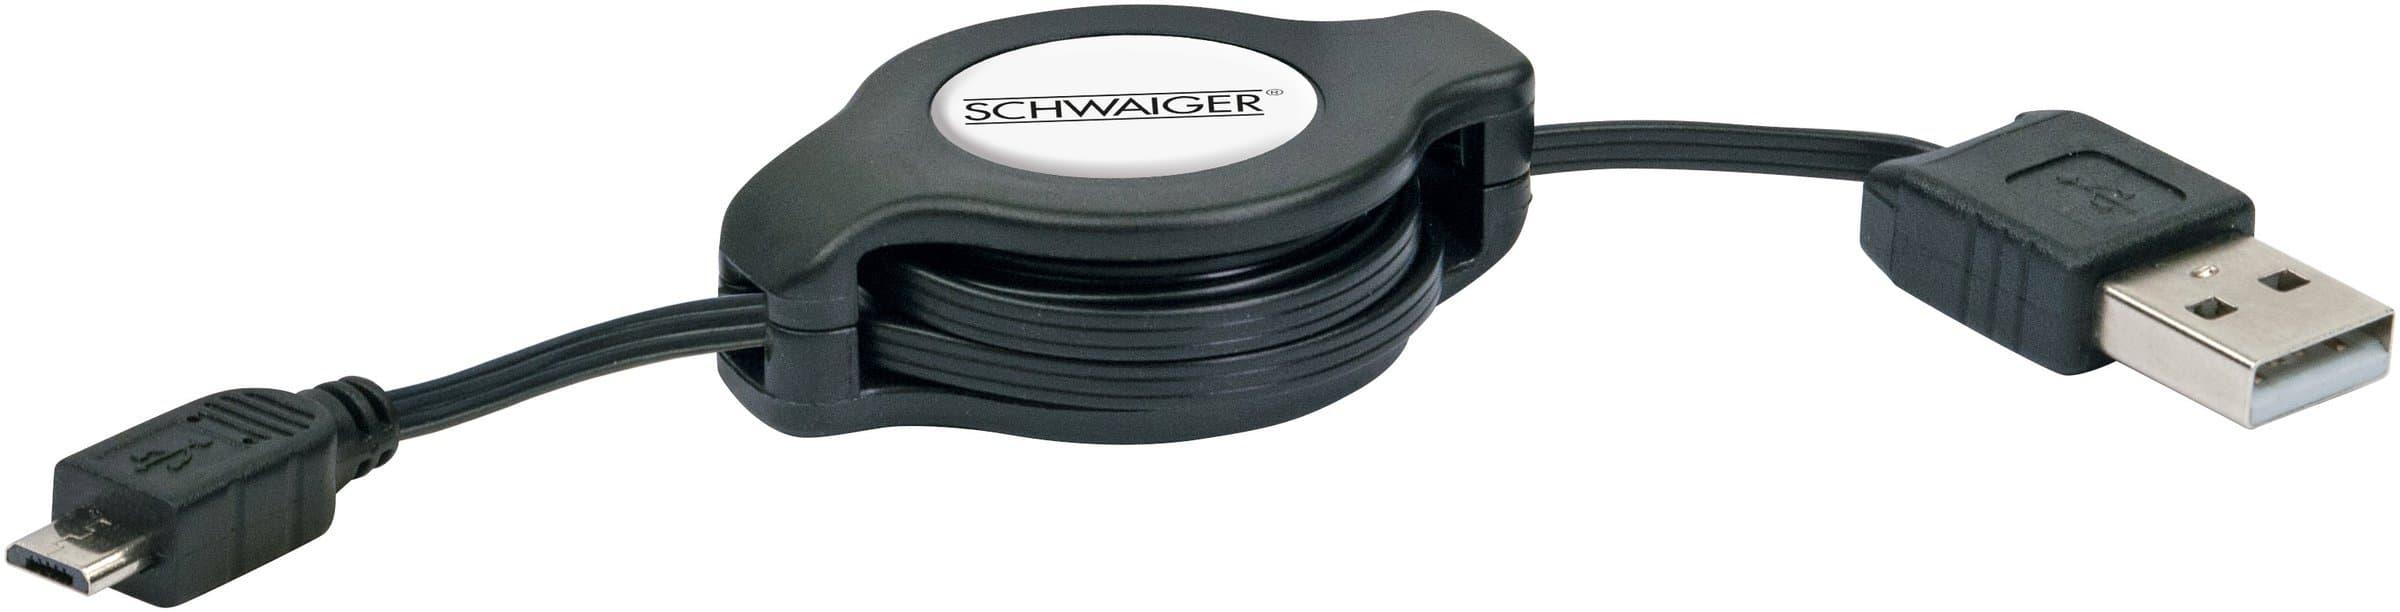 Schwaiger Cable USB 2.0 encaissable 1.2m noir, USB 2.0 typeA / Micro-USB